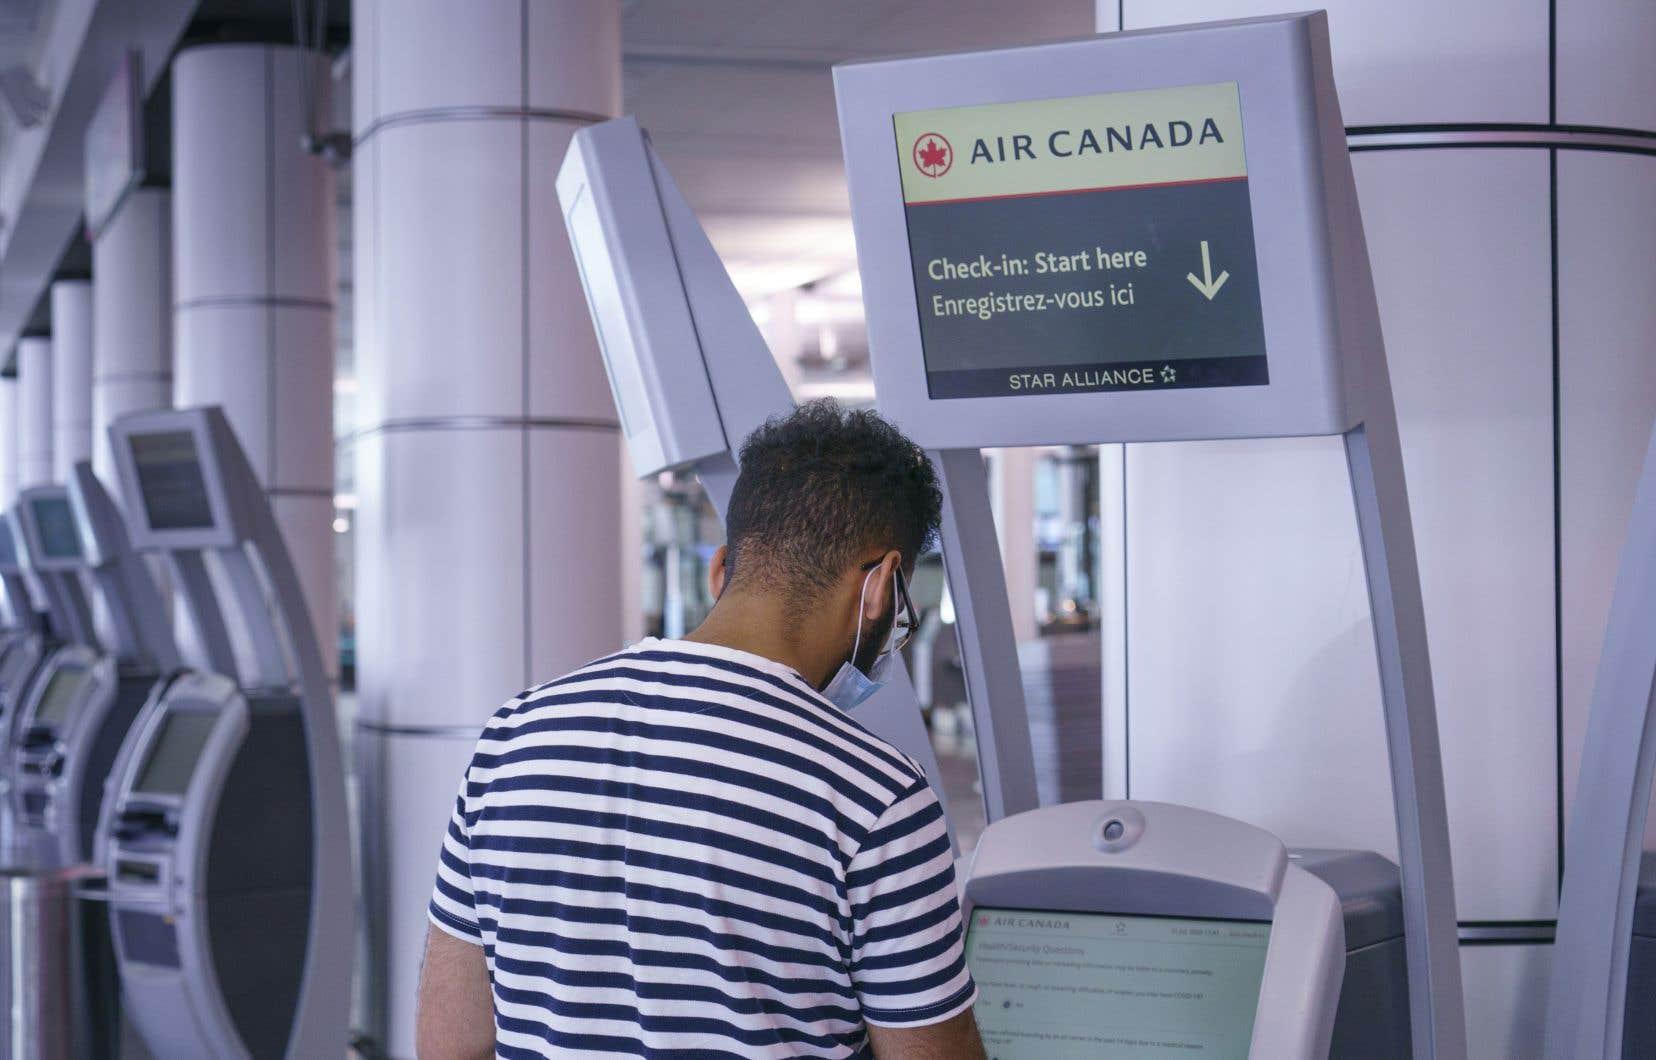 Air Canada et d'autres transporteurs canadiens refusent toujours de rembourser la plupart de leurs clients qui avaient réservé un siège sur un des vols annulés en raison de la pandémie de COVID-19.